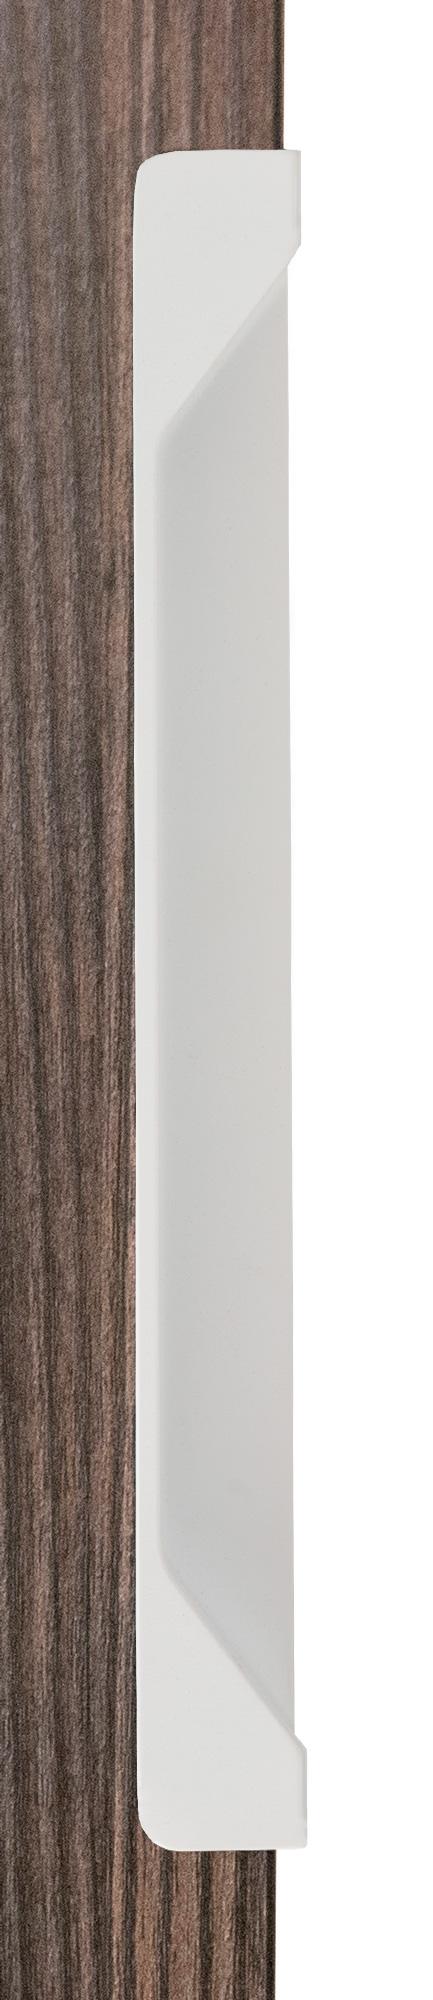 Ручка врезная мебельная, L 200мм белый